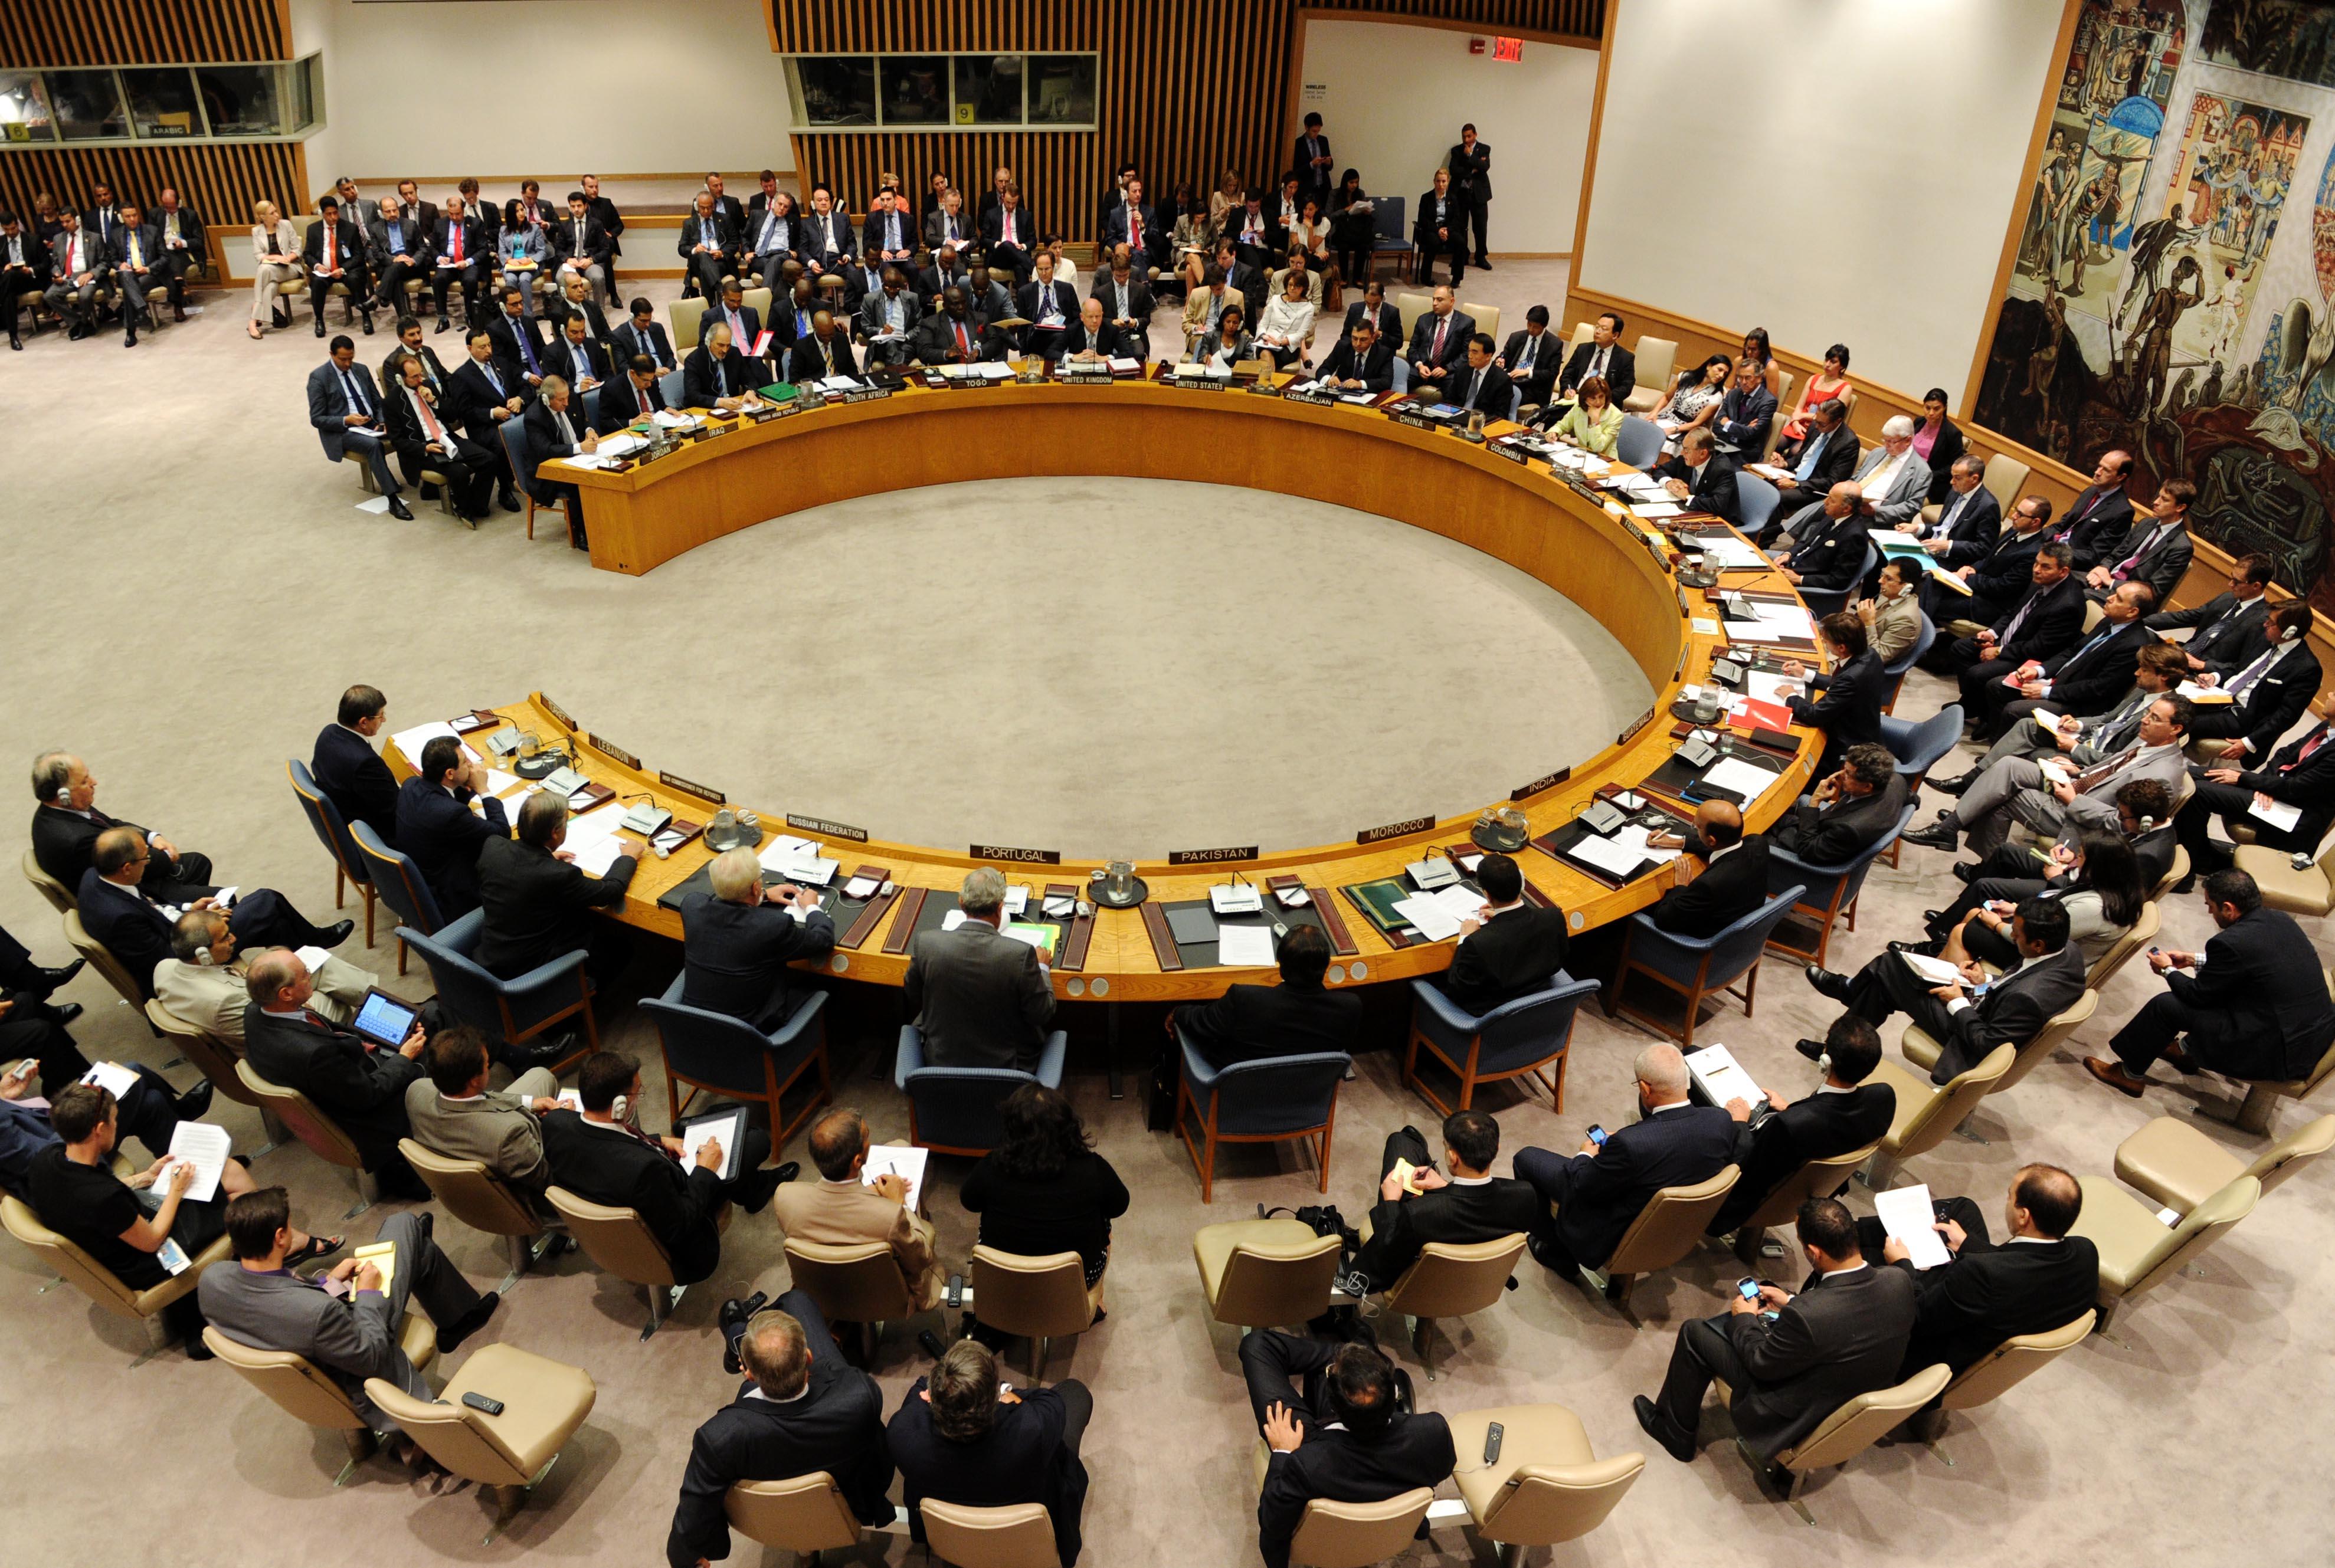 Victoire tonitruante du Maroc au Conseil de Sécurité de l'ONU. © xingyaofeng